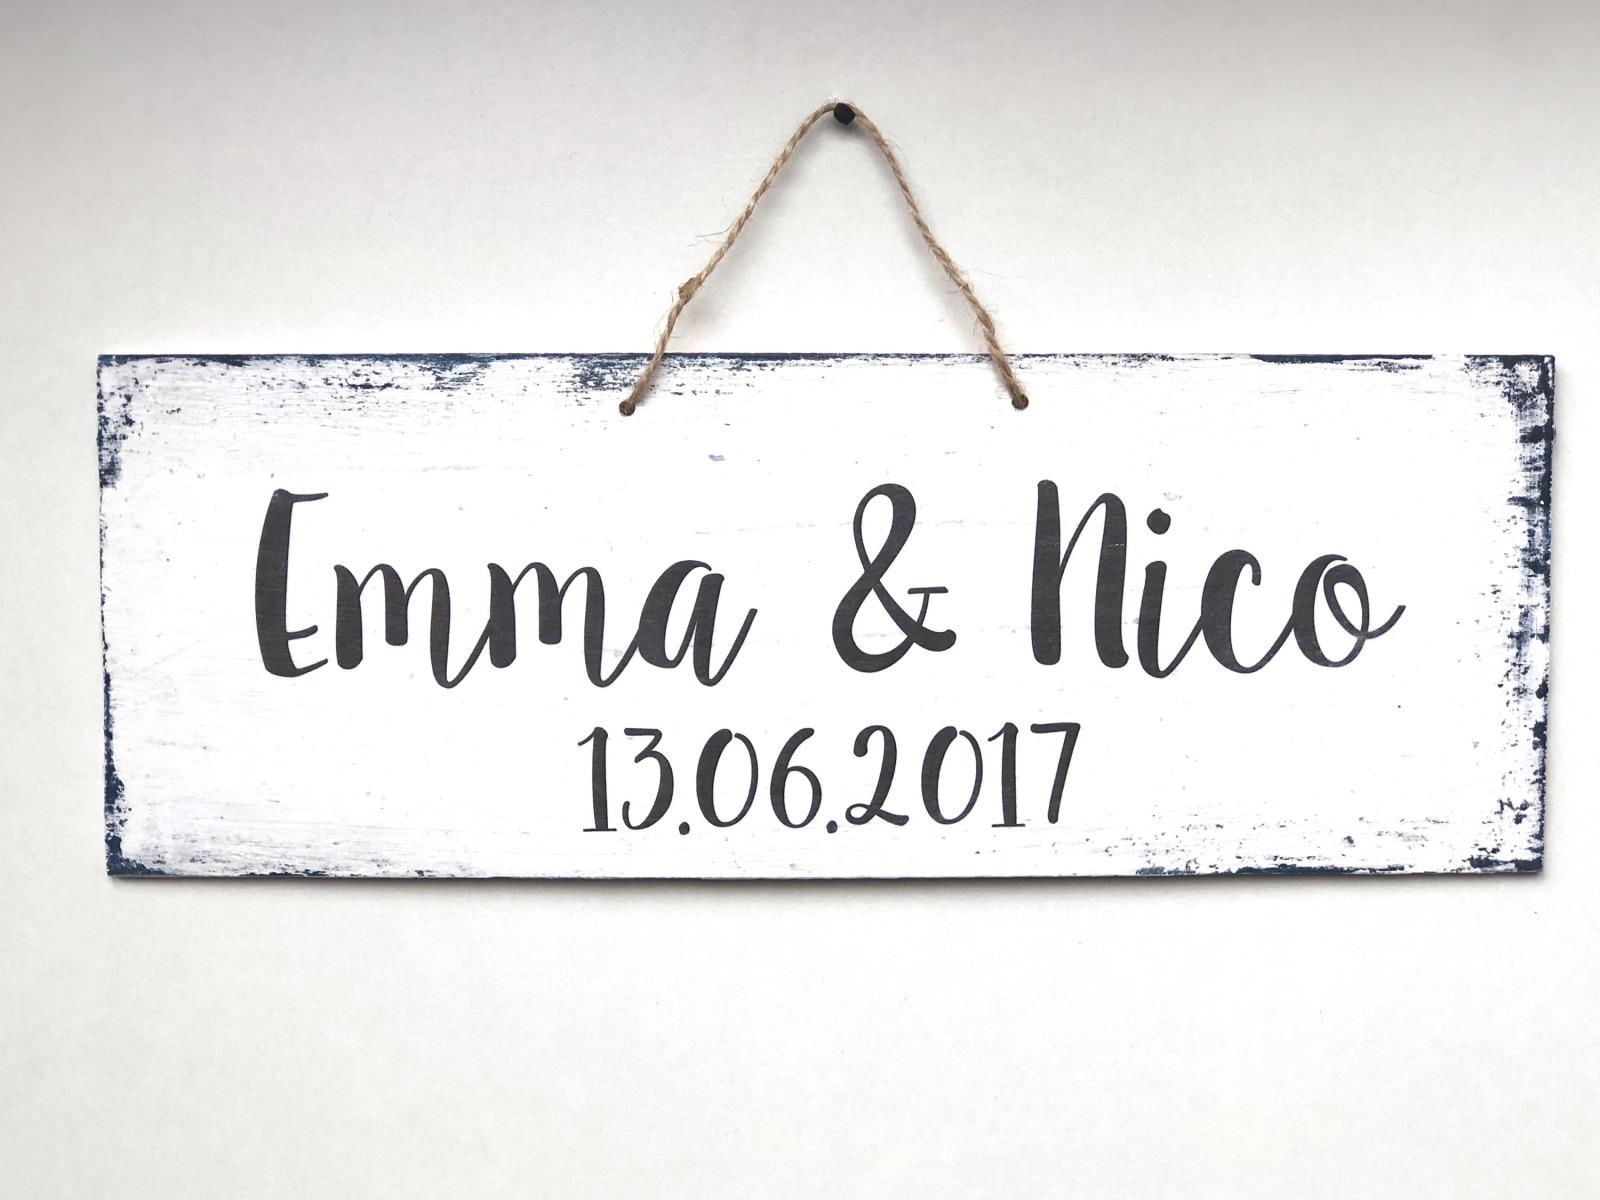 individualisiertes Holzschild mit Namen und Datum